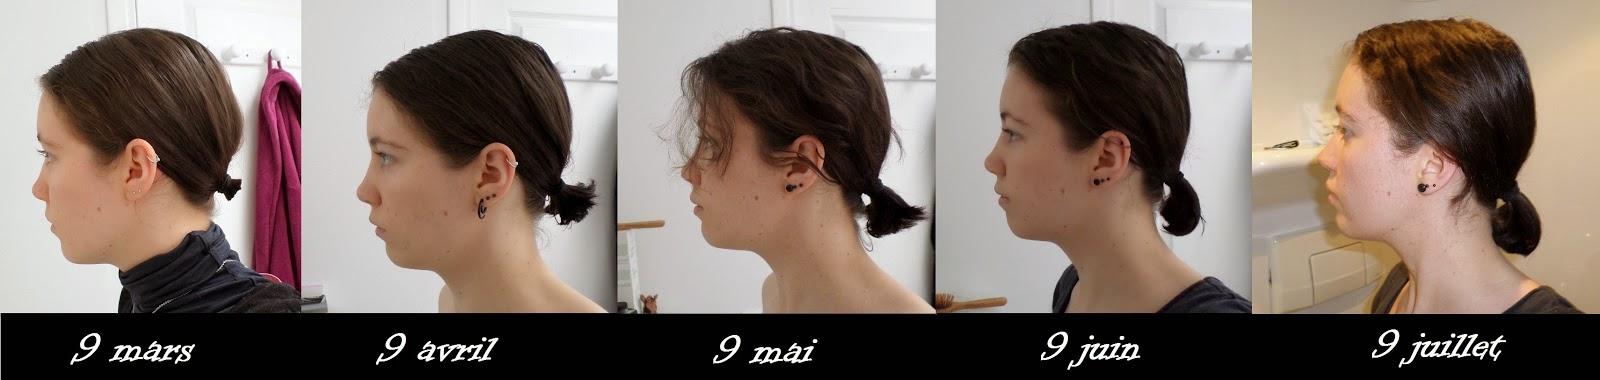 Bien-aimé hommes étapes pour avoir les cheveux longs - le grimoire du chamane SY84